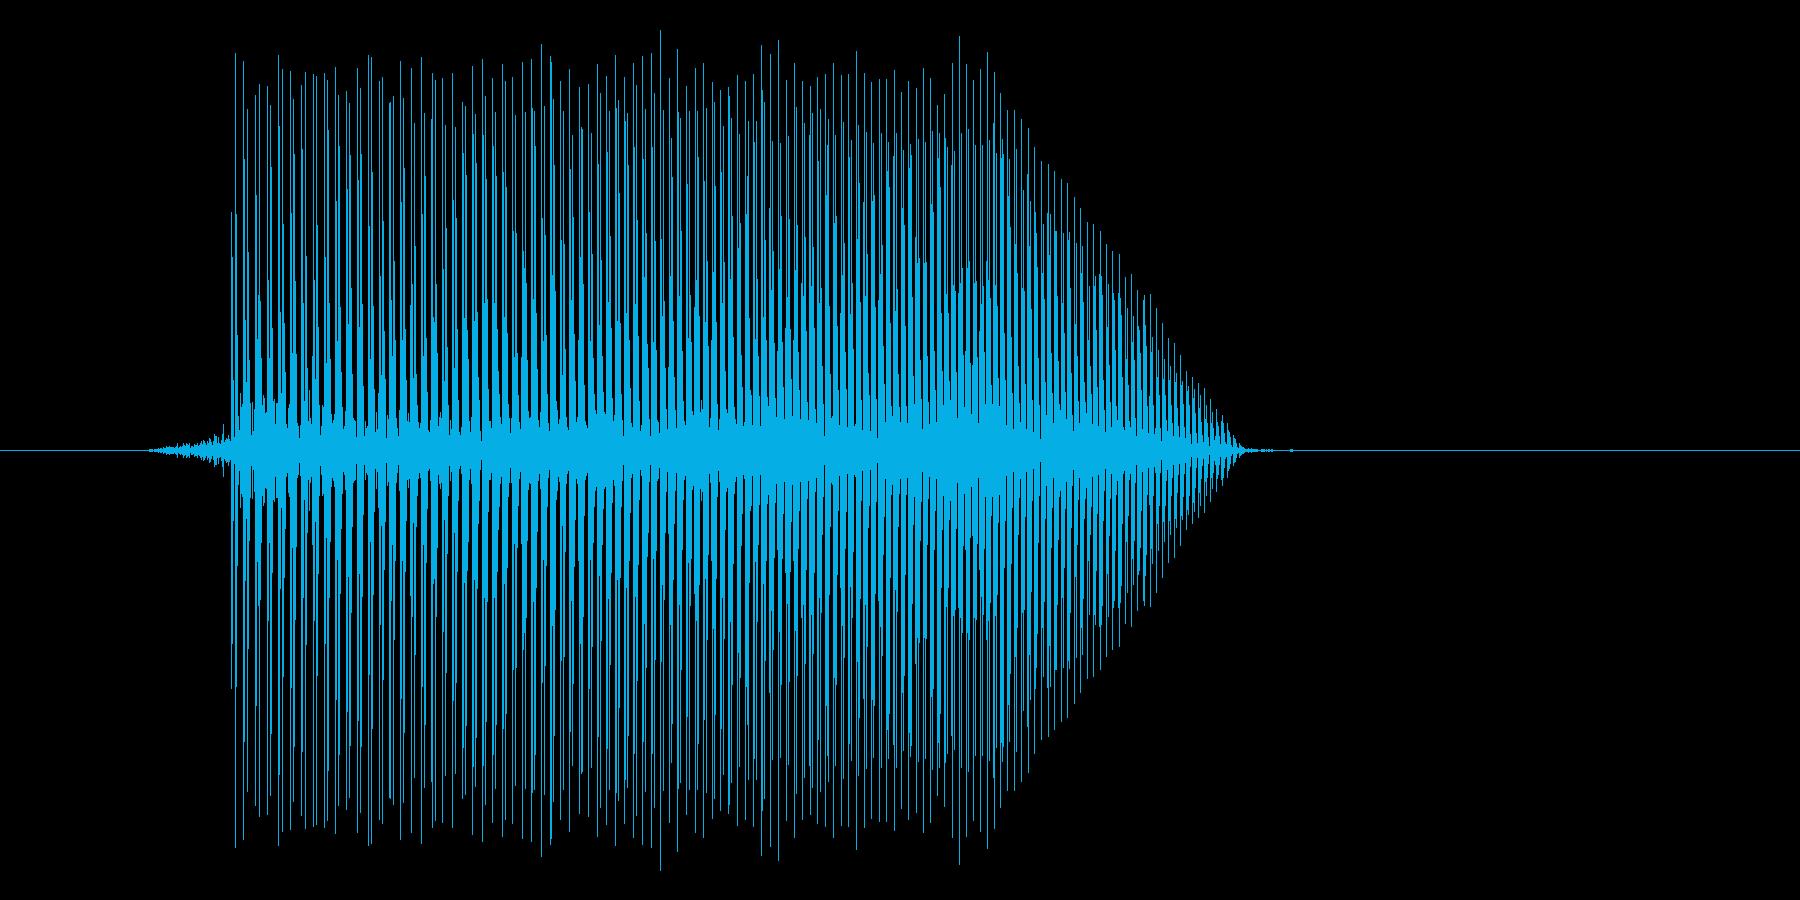 ゲーム(ファミコン風)ジャンプ音_048の再生済みの波形